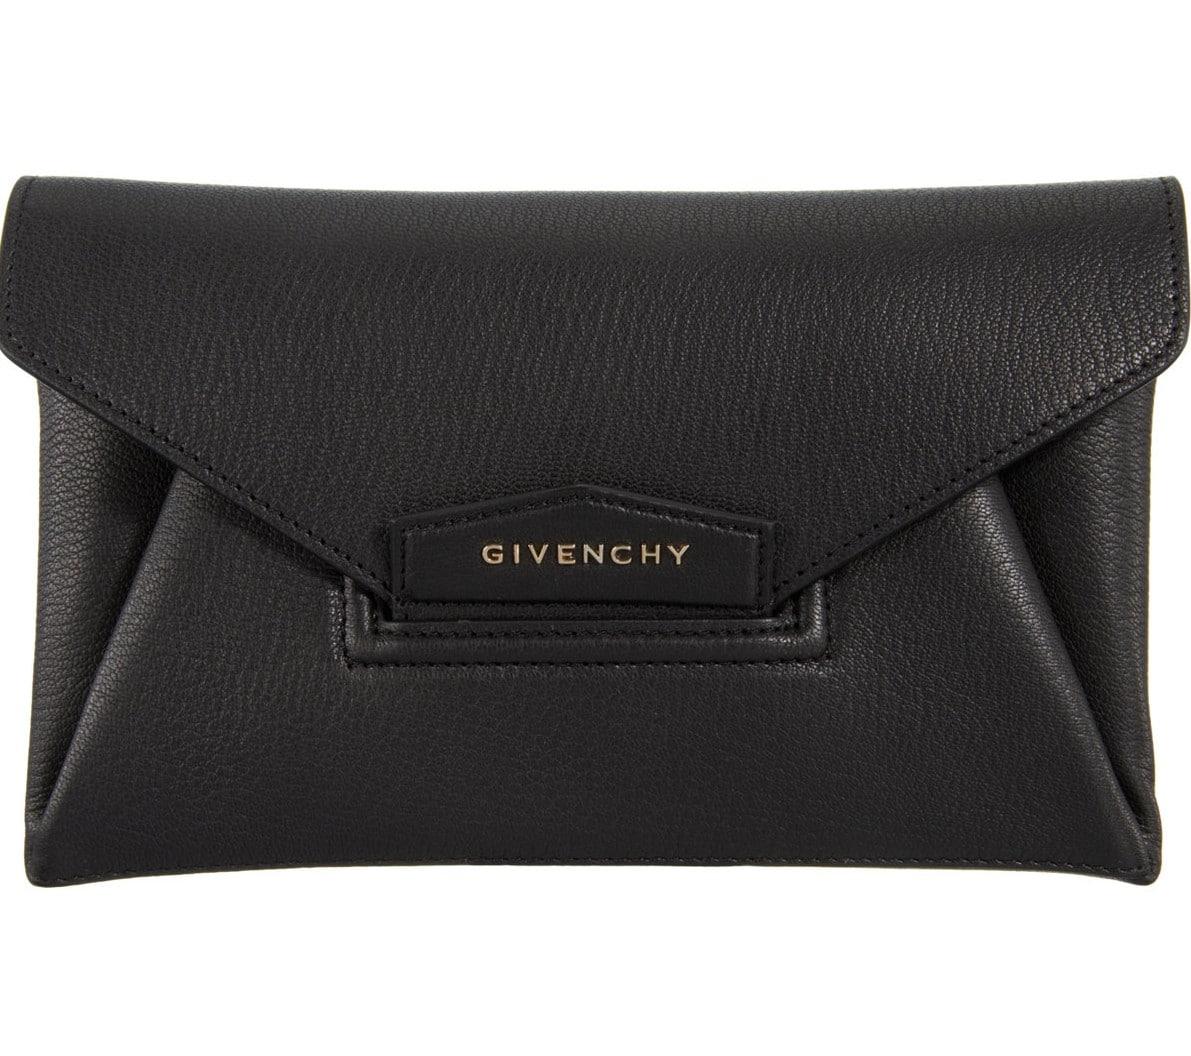 284c5f3ce860 Givenchy Black Antigona Envelope Small Clutch Bag